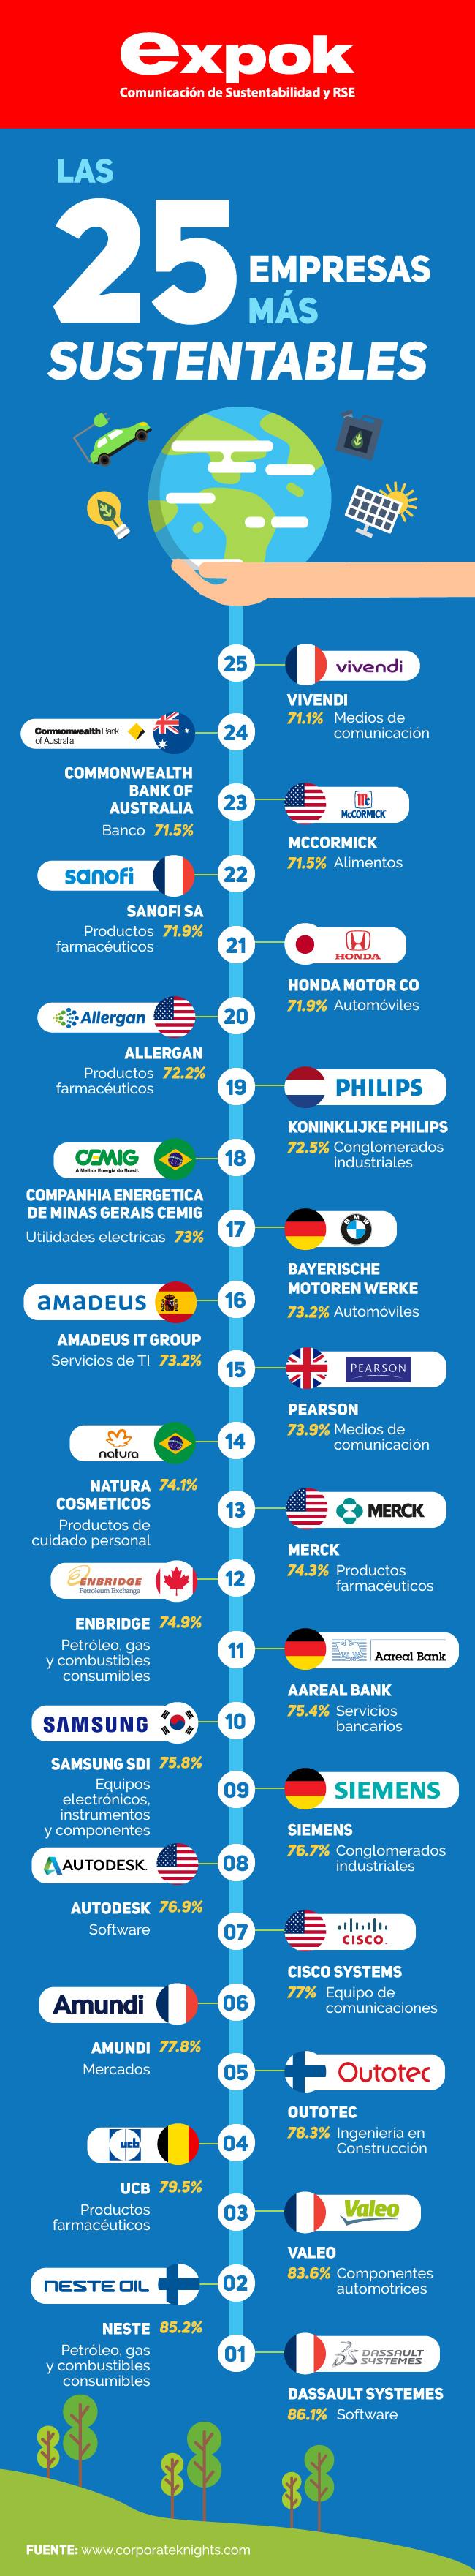 Las empresas más sustentables del mundo